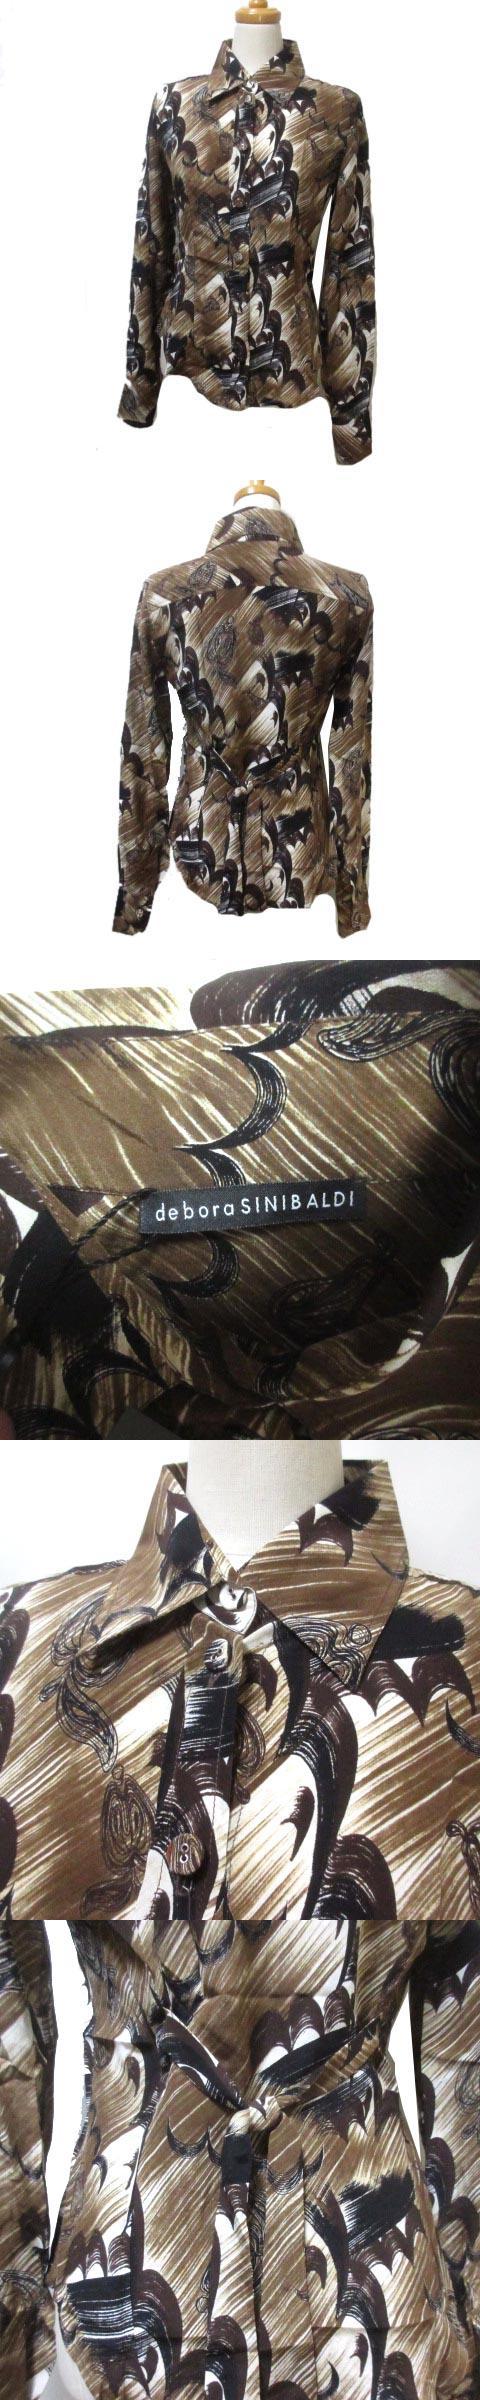 シャツ ブラウス 長袖 シルク 絹 総柄 茶 ブラウン 40 日本サイズM相当 ウエストリボン X